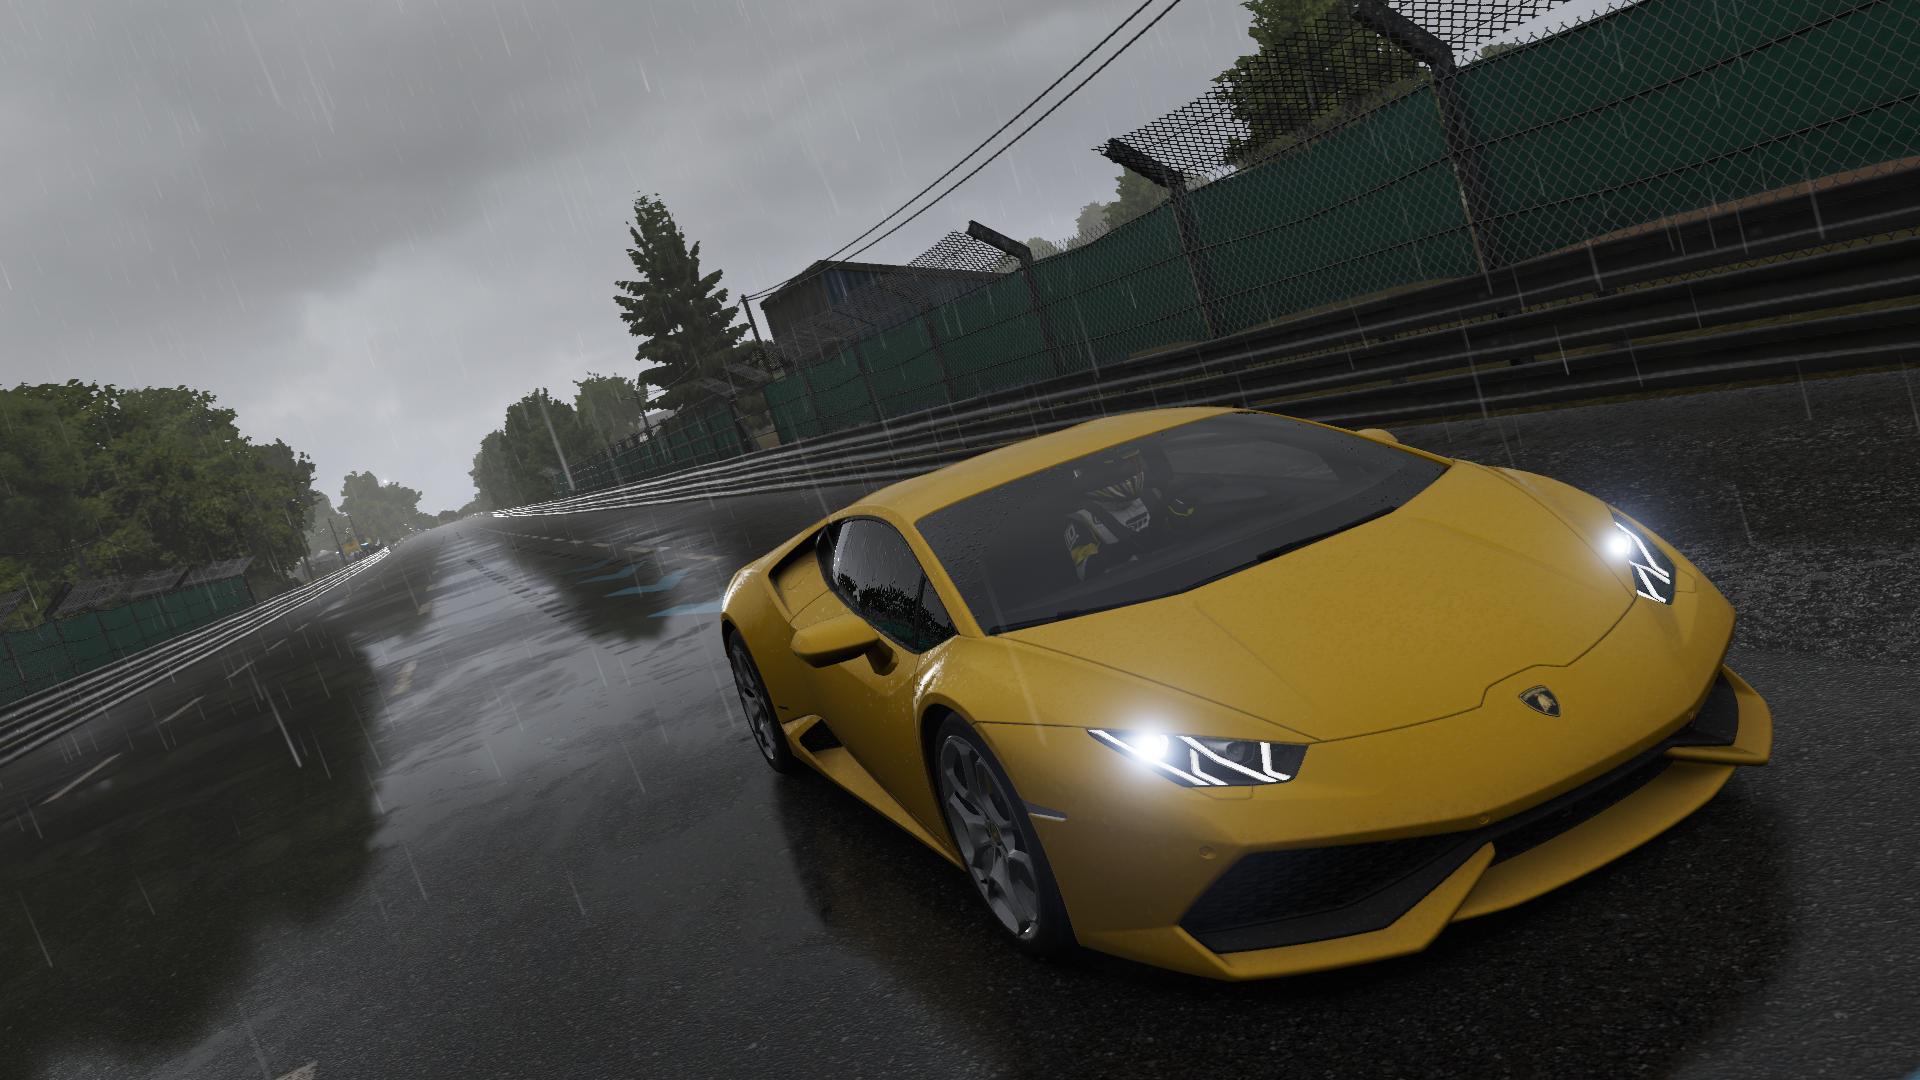 Lambo_rain